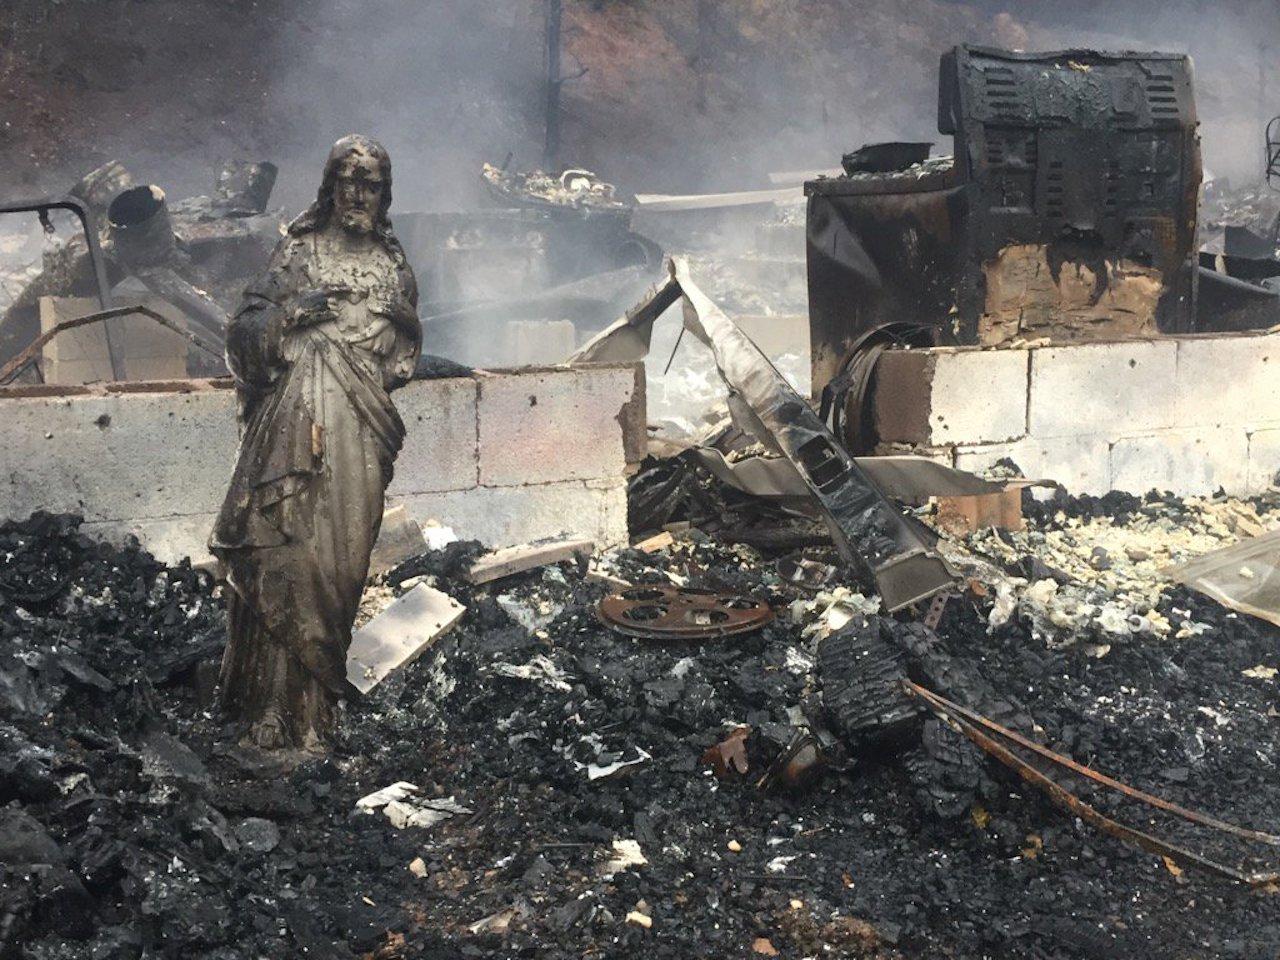 La estatua de Jesús fue lo único que sobrevivió al mortal incendio en Gatlinburg, Tennessee.